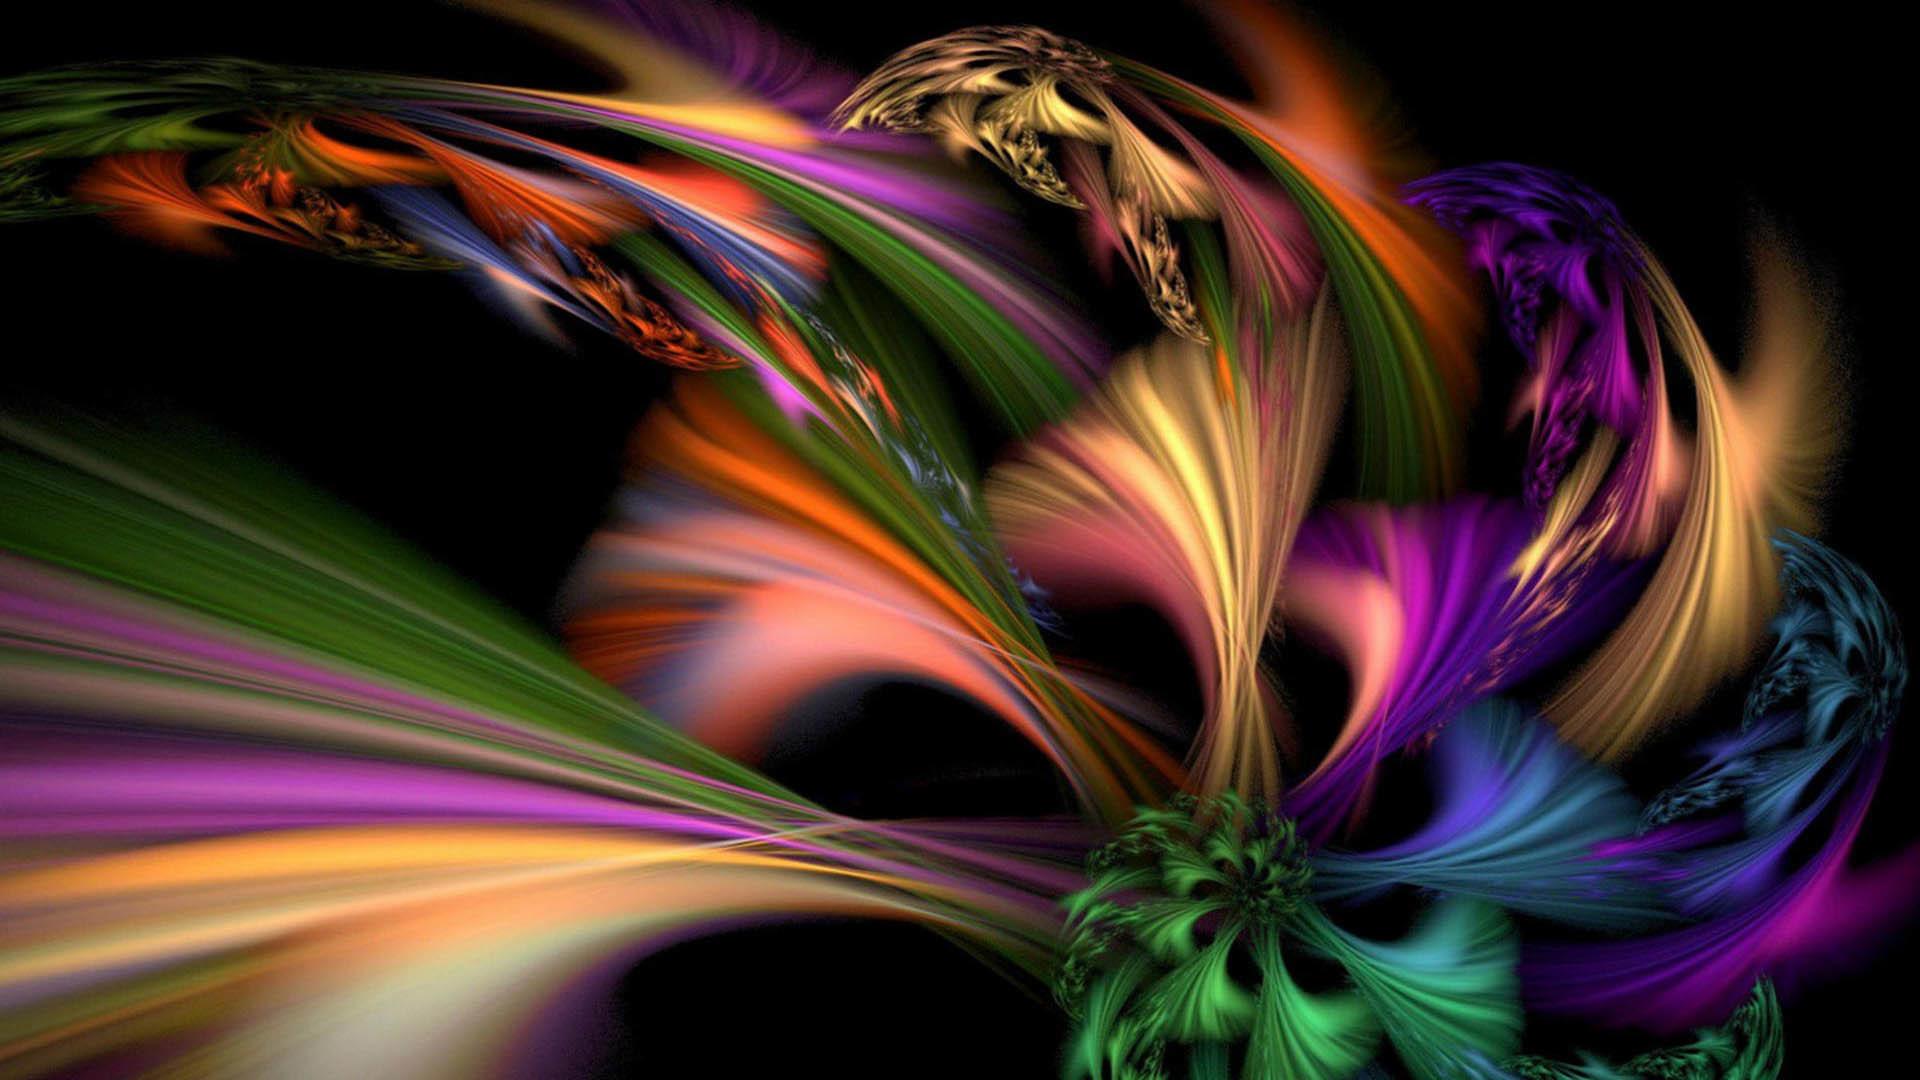 Sfondi colori astratti 81 immagini for Immagini astratte hd